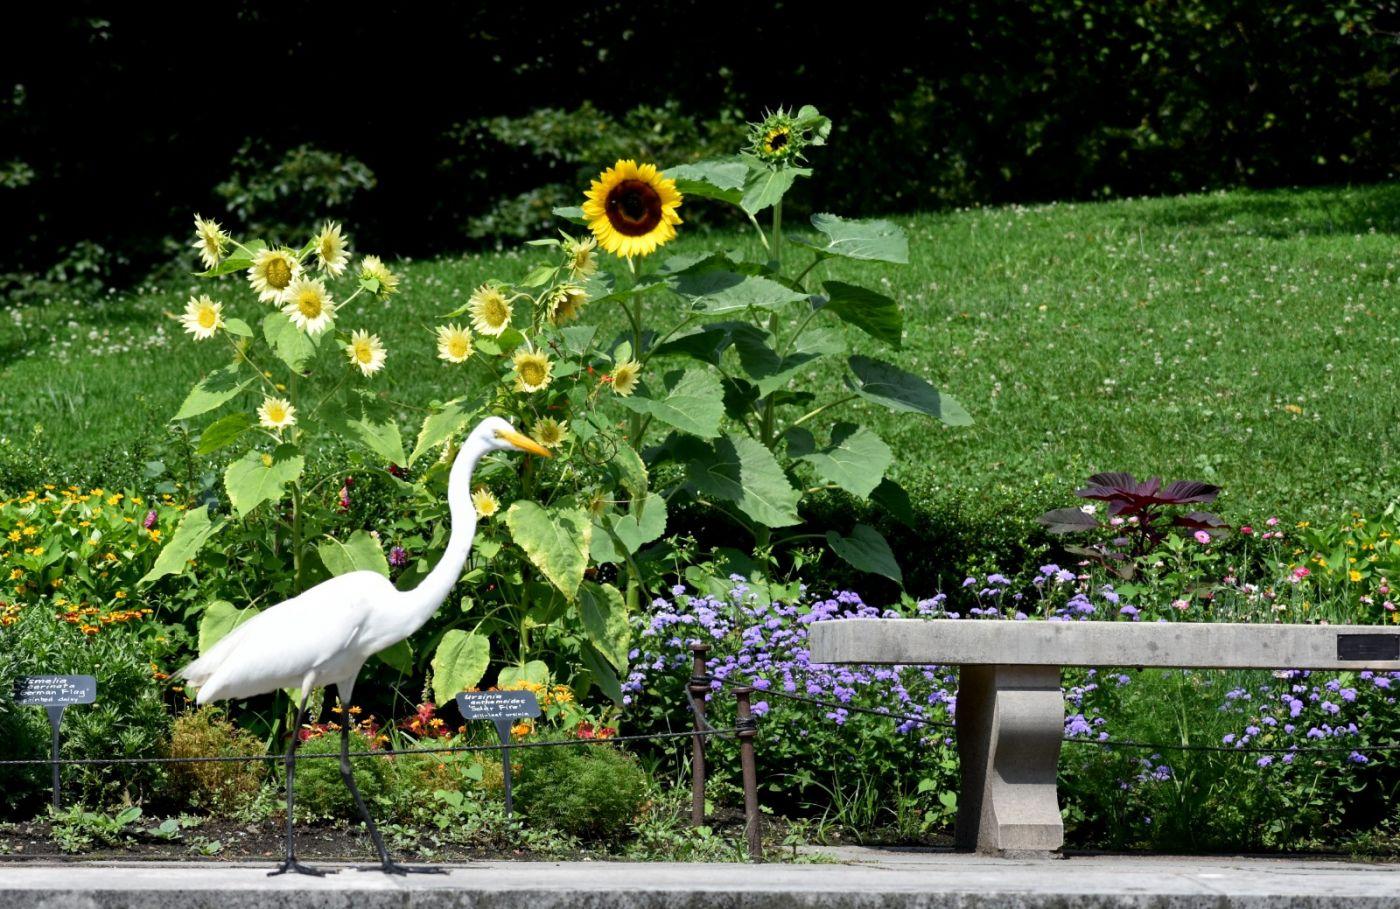 白鹭来花园赏花_图1-24